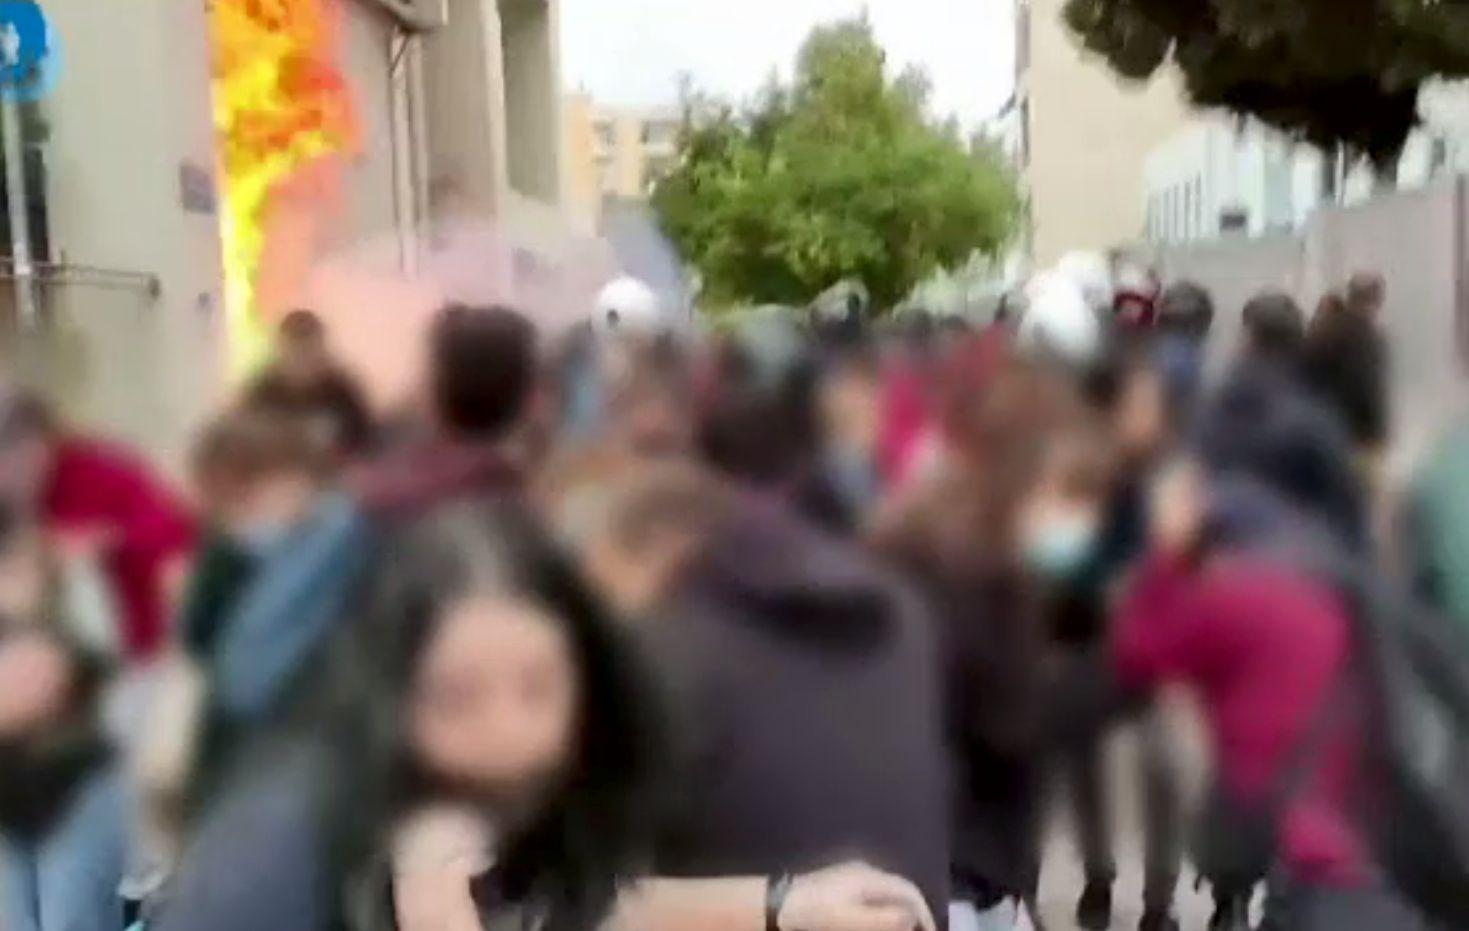 Confruntări cu poliția au avut loc la un liceu din Grecia. Minori neonaziști înarmați, reținuți